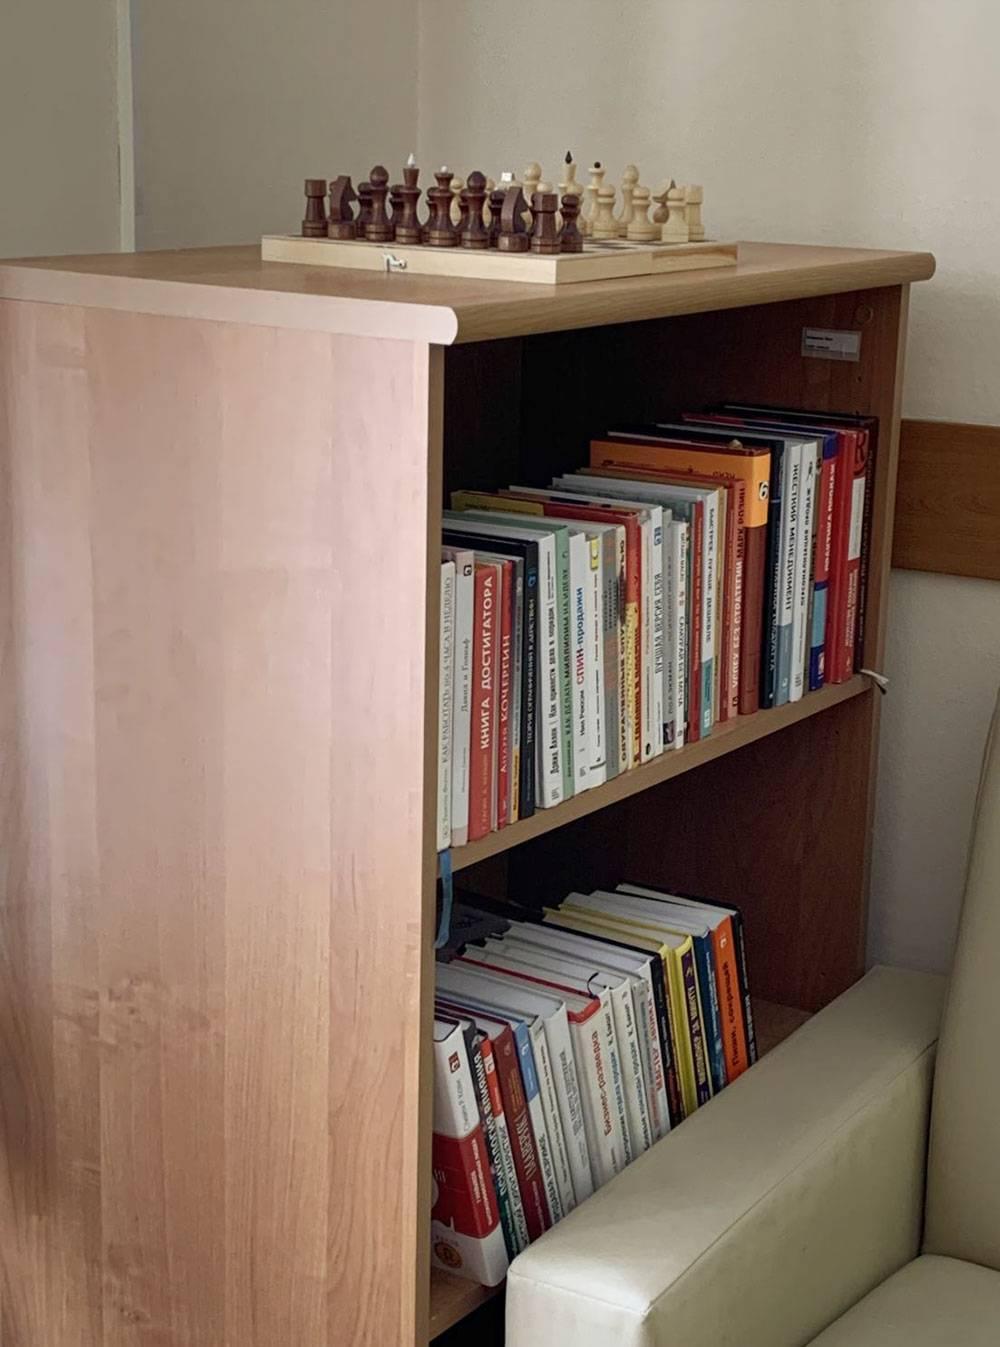 Книги в моем кабинете в офисе. Самая дорогая стоит тысячу евро. Самую редкую я нашел в другой стране